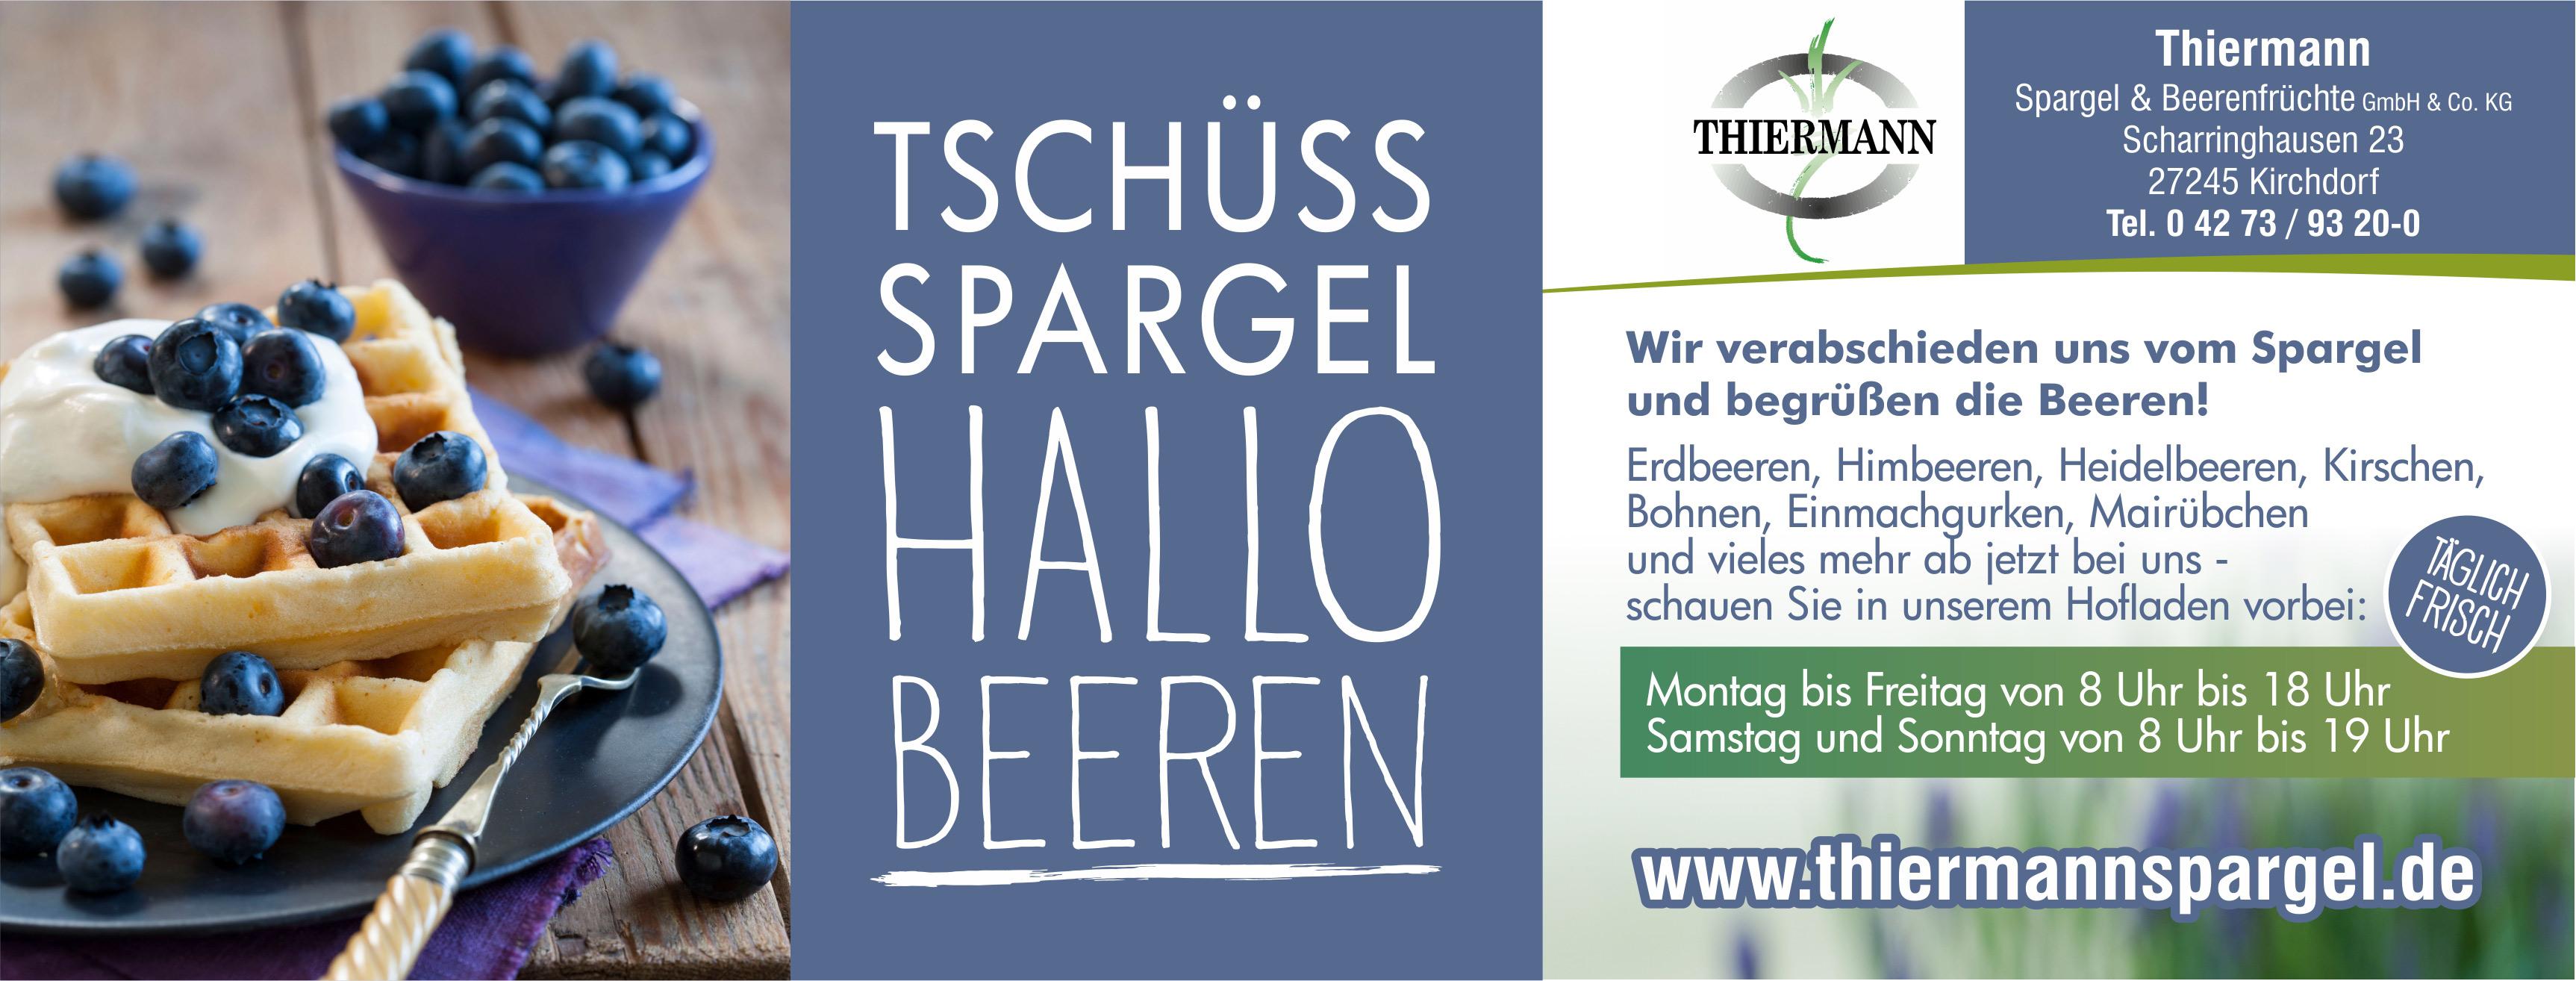 Thiermann-Beeren-Facebook